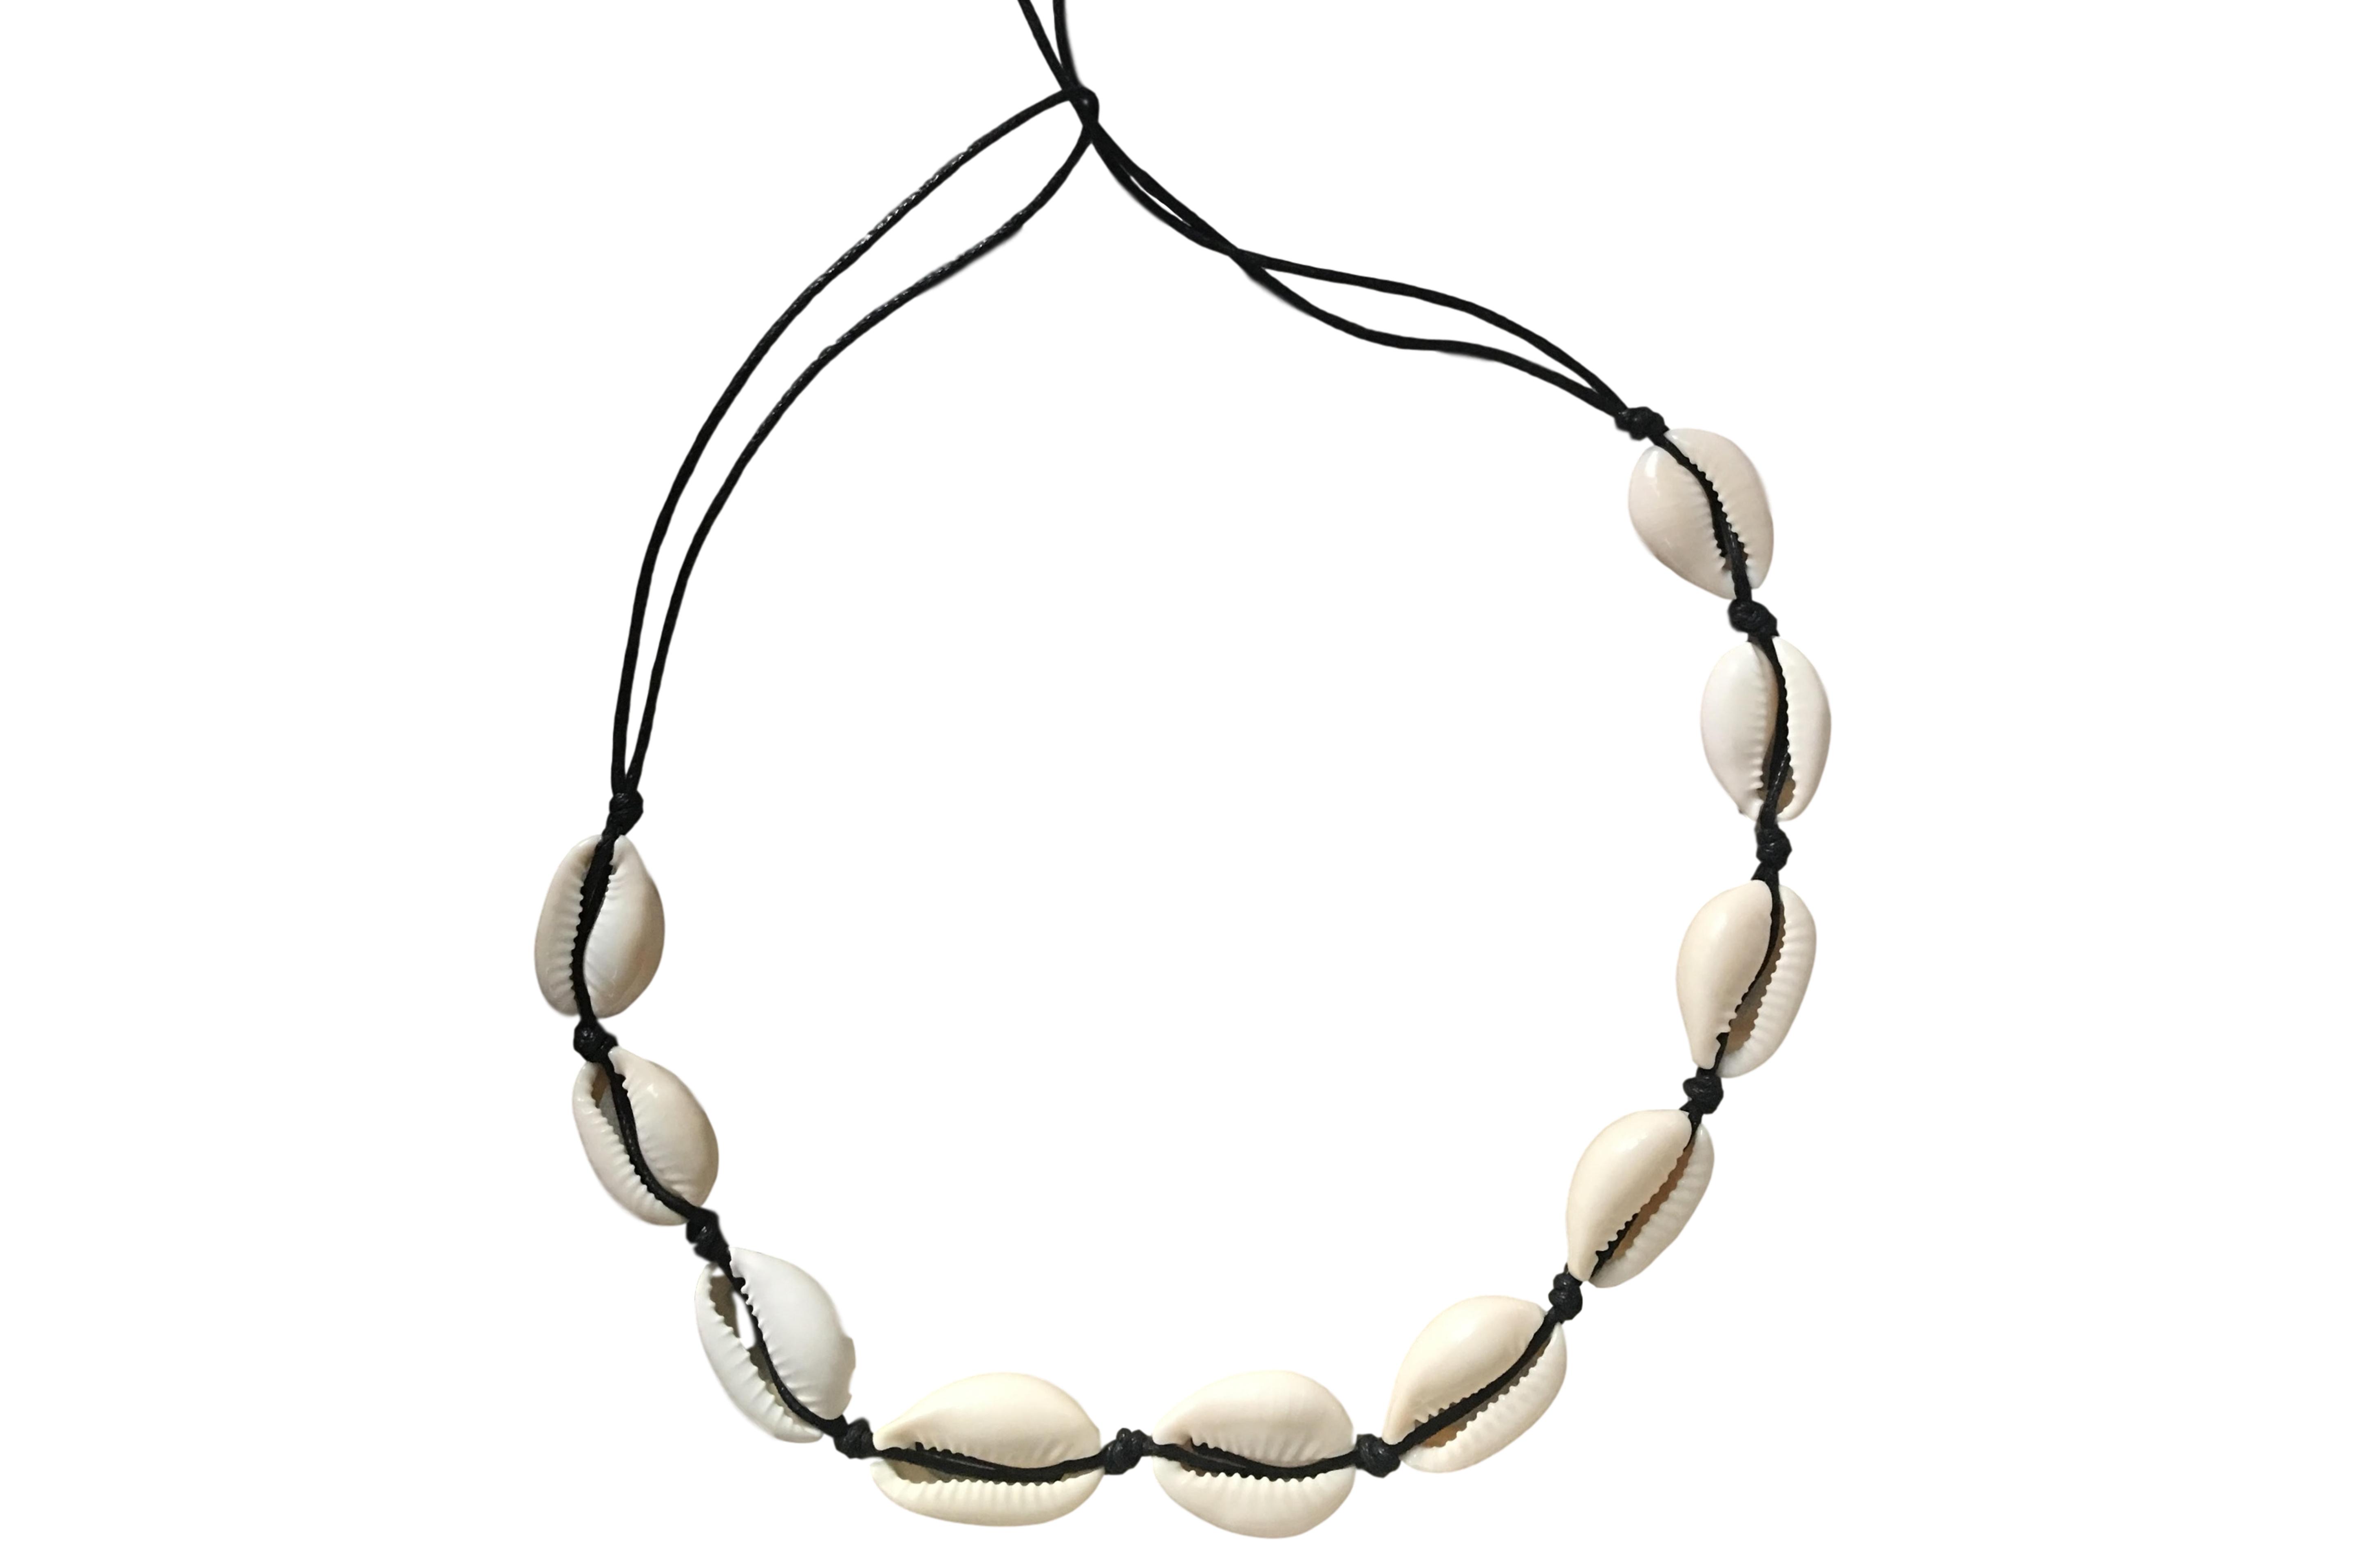 Bikind Cowrie Sea Shell Choker Necklace